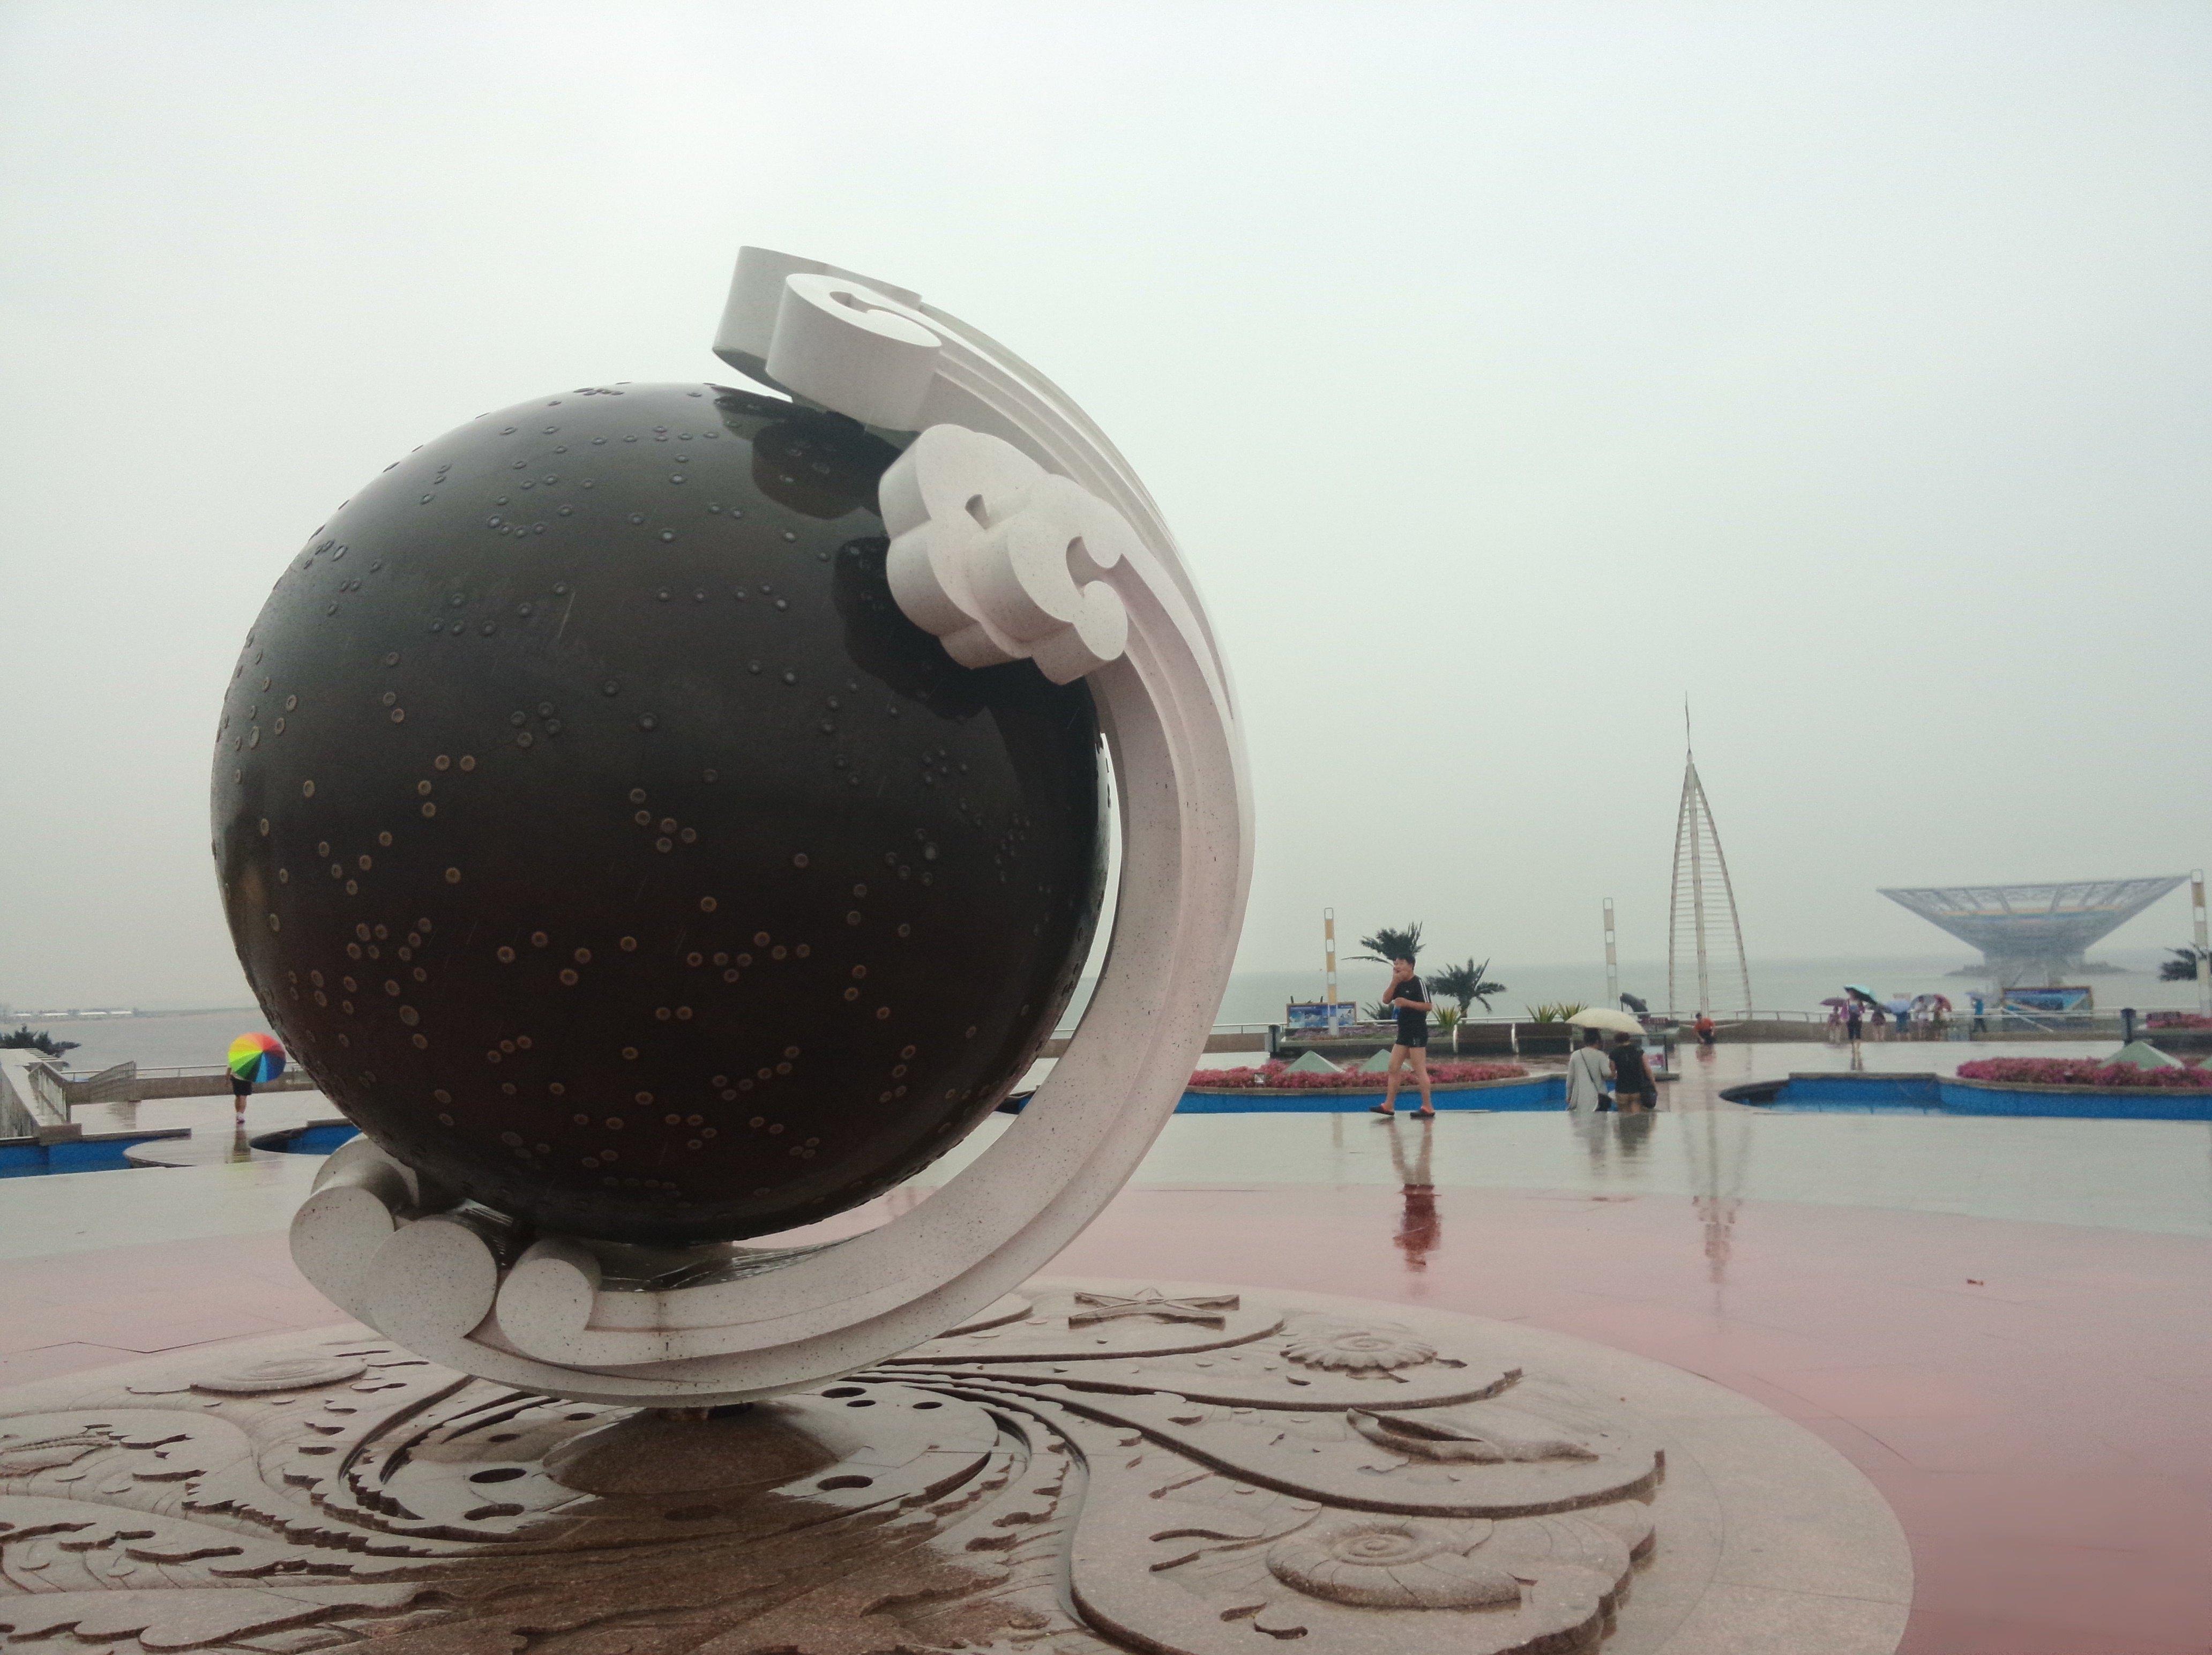 冰峪沟 鲅鱼公主雕塑位于山海广场以西1500米的海面上,雕塑高60米,通